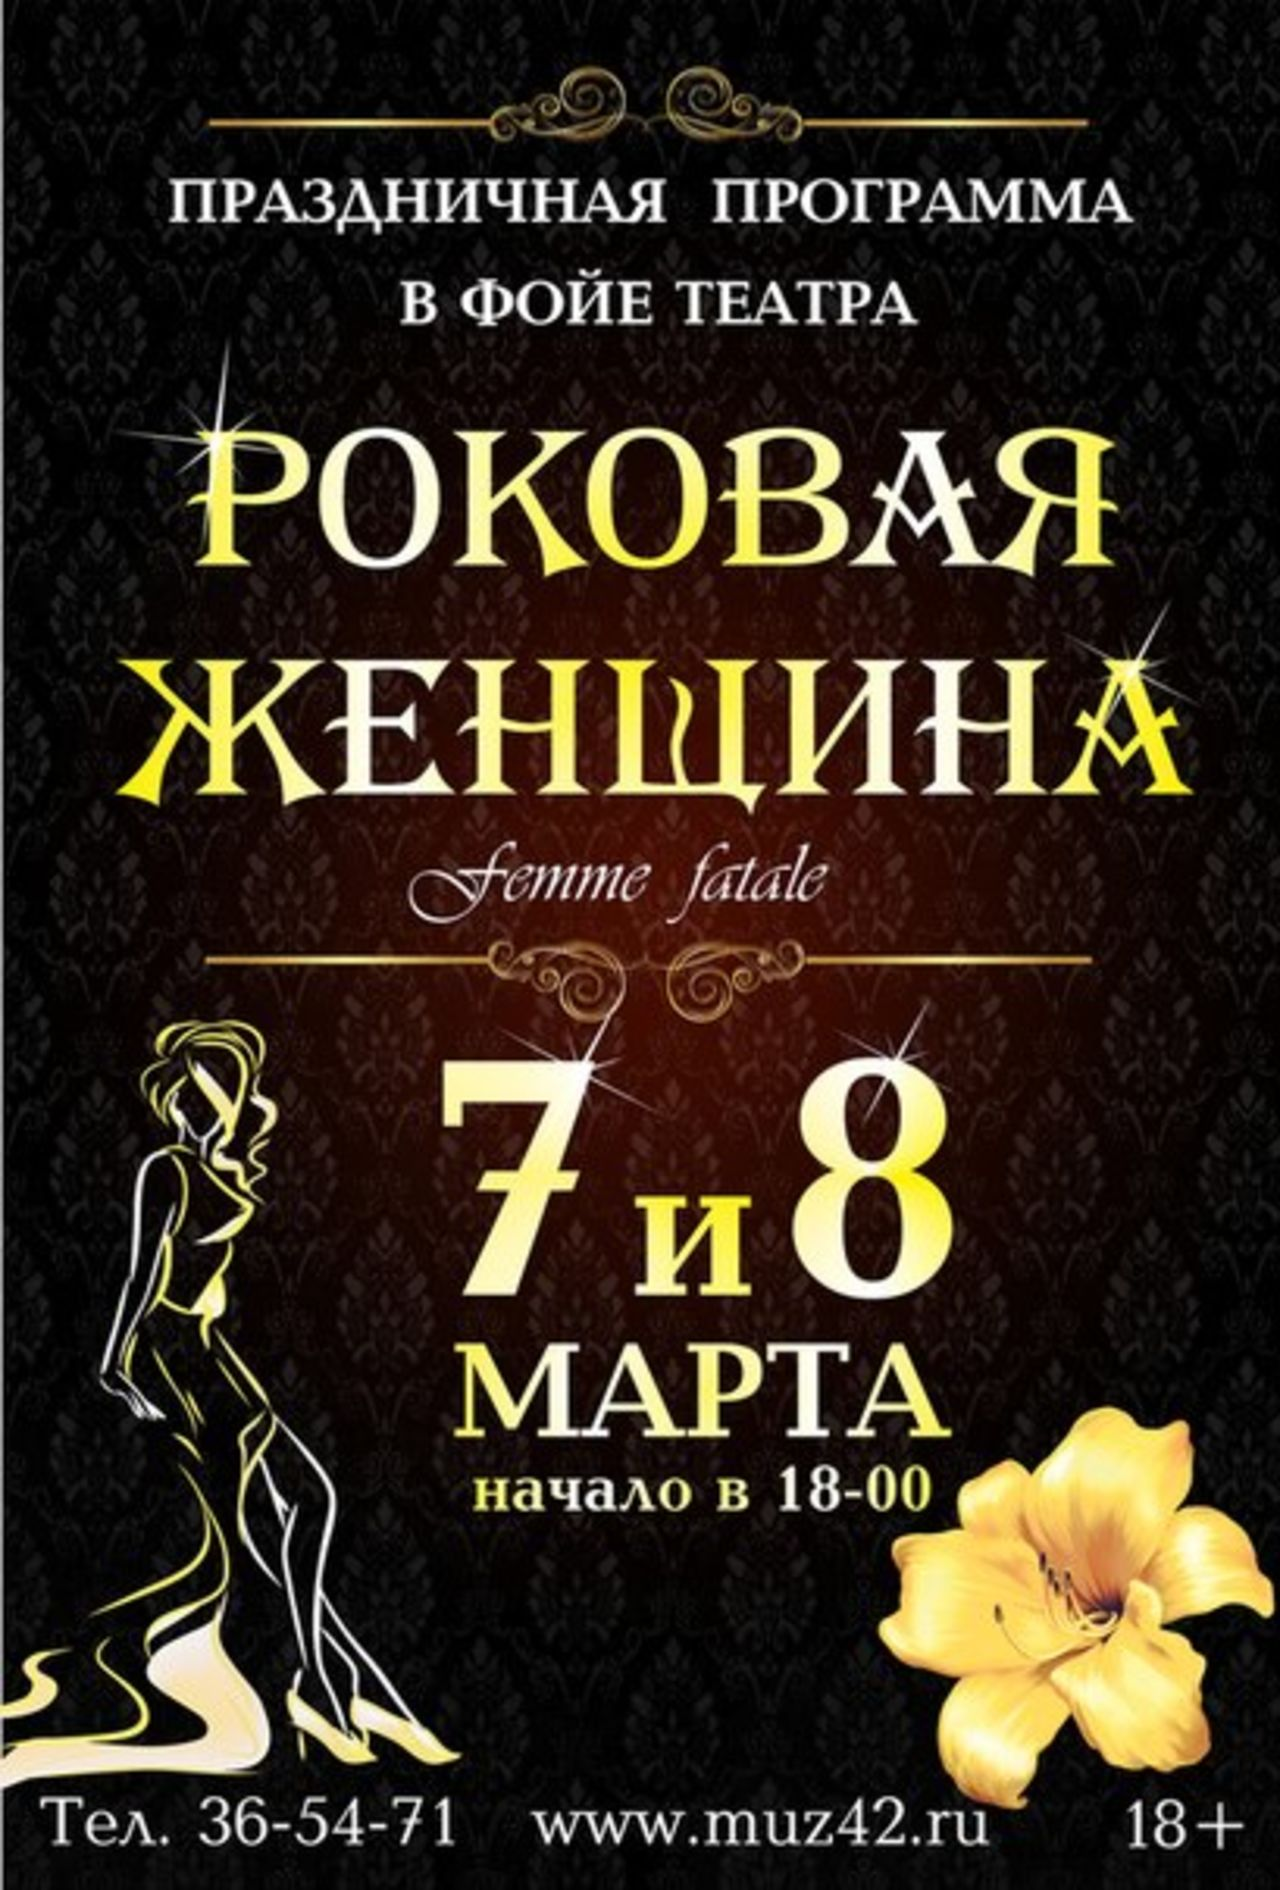 Продажа билетов в Кирове на концерты и спектакли  БилетКиров